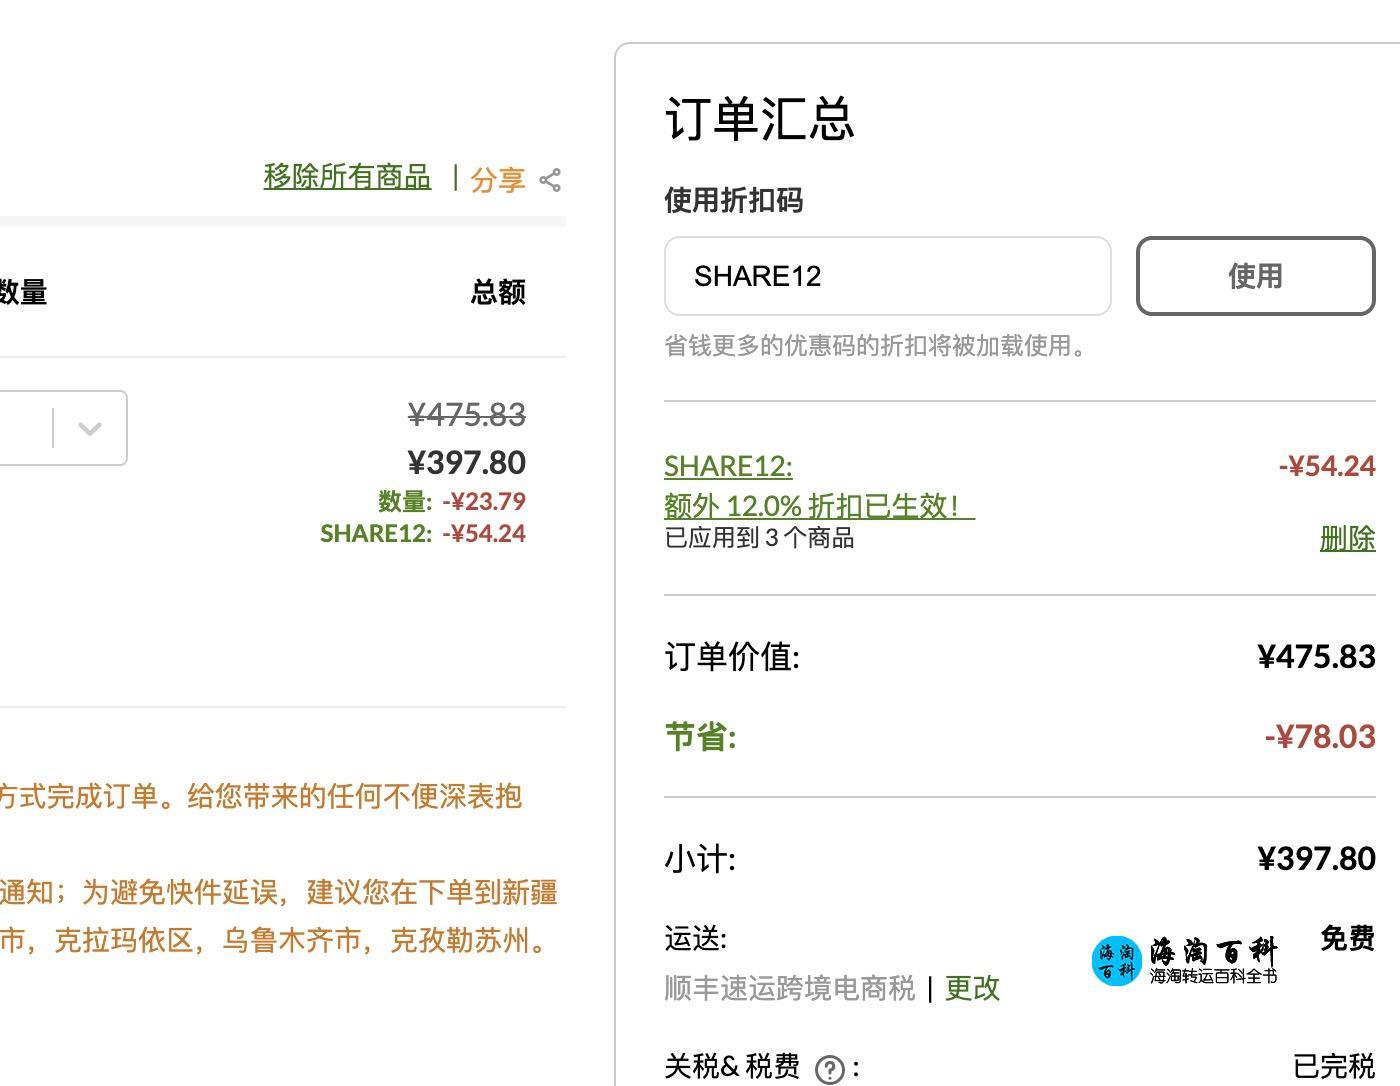 8月iHerb促销代码SHARE12,全场88折优惠,仅限使用一次